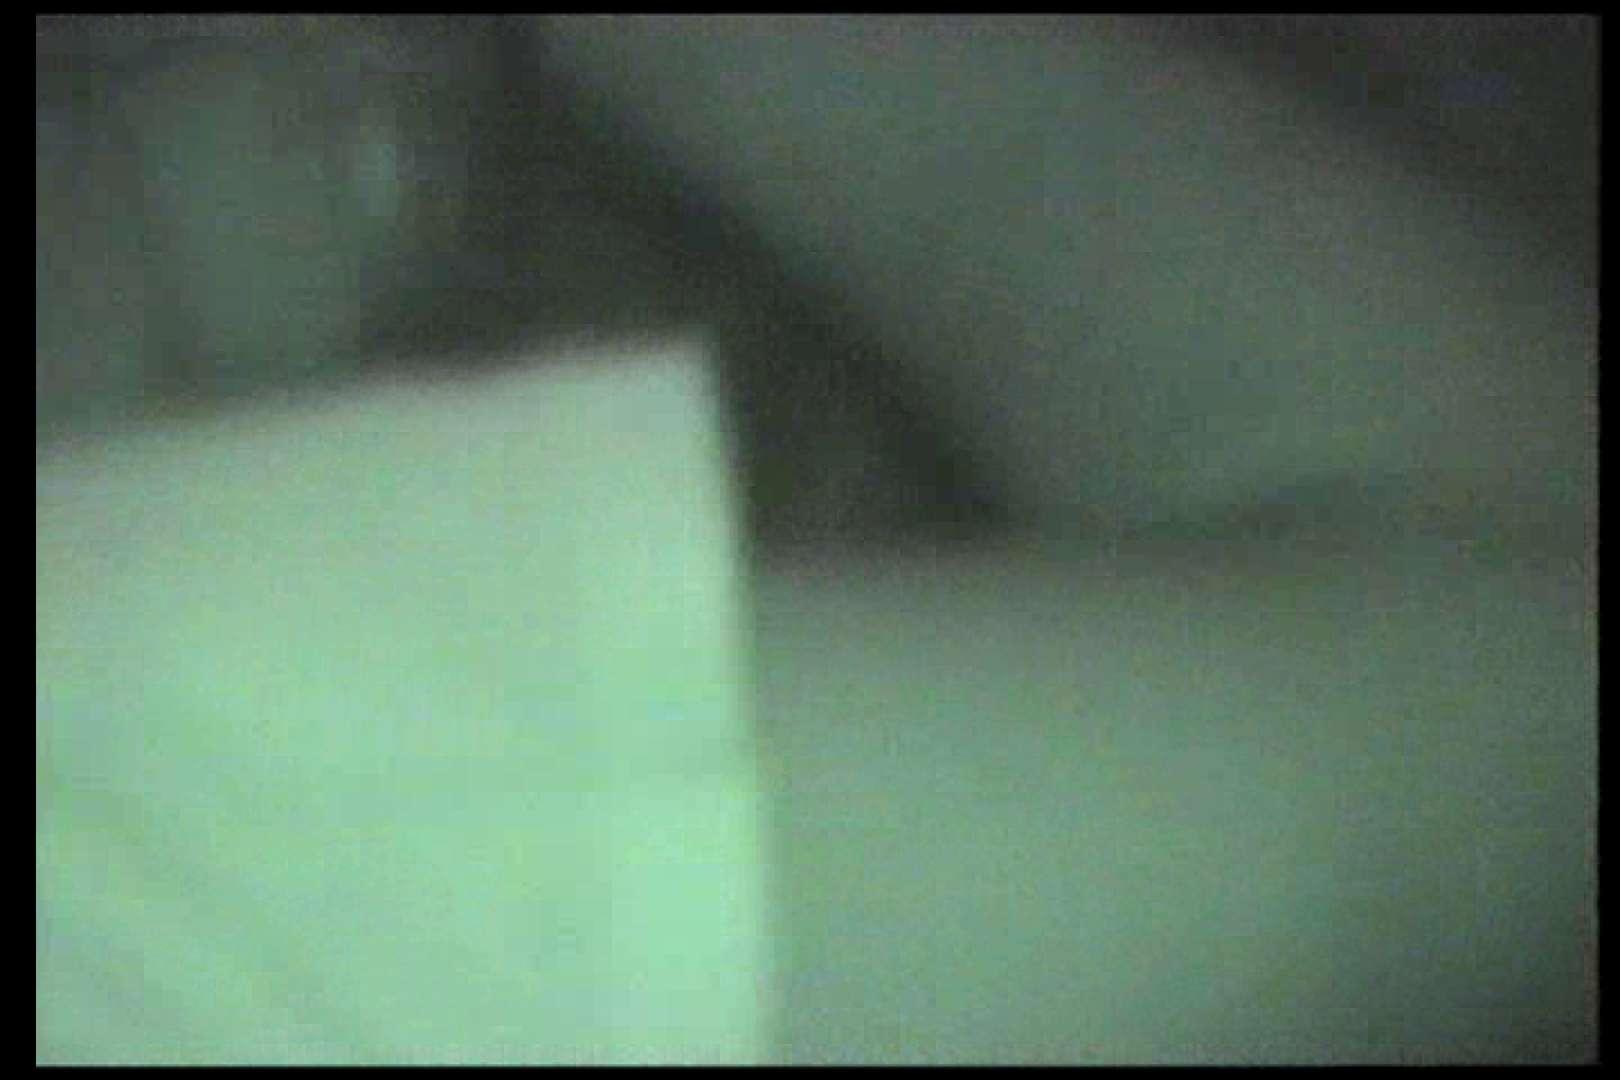 カーセックス未編集・無修正版 Vol.6後編 素人はめどり エロ画像 87画像 58